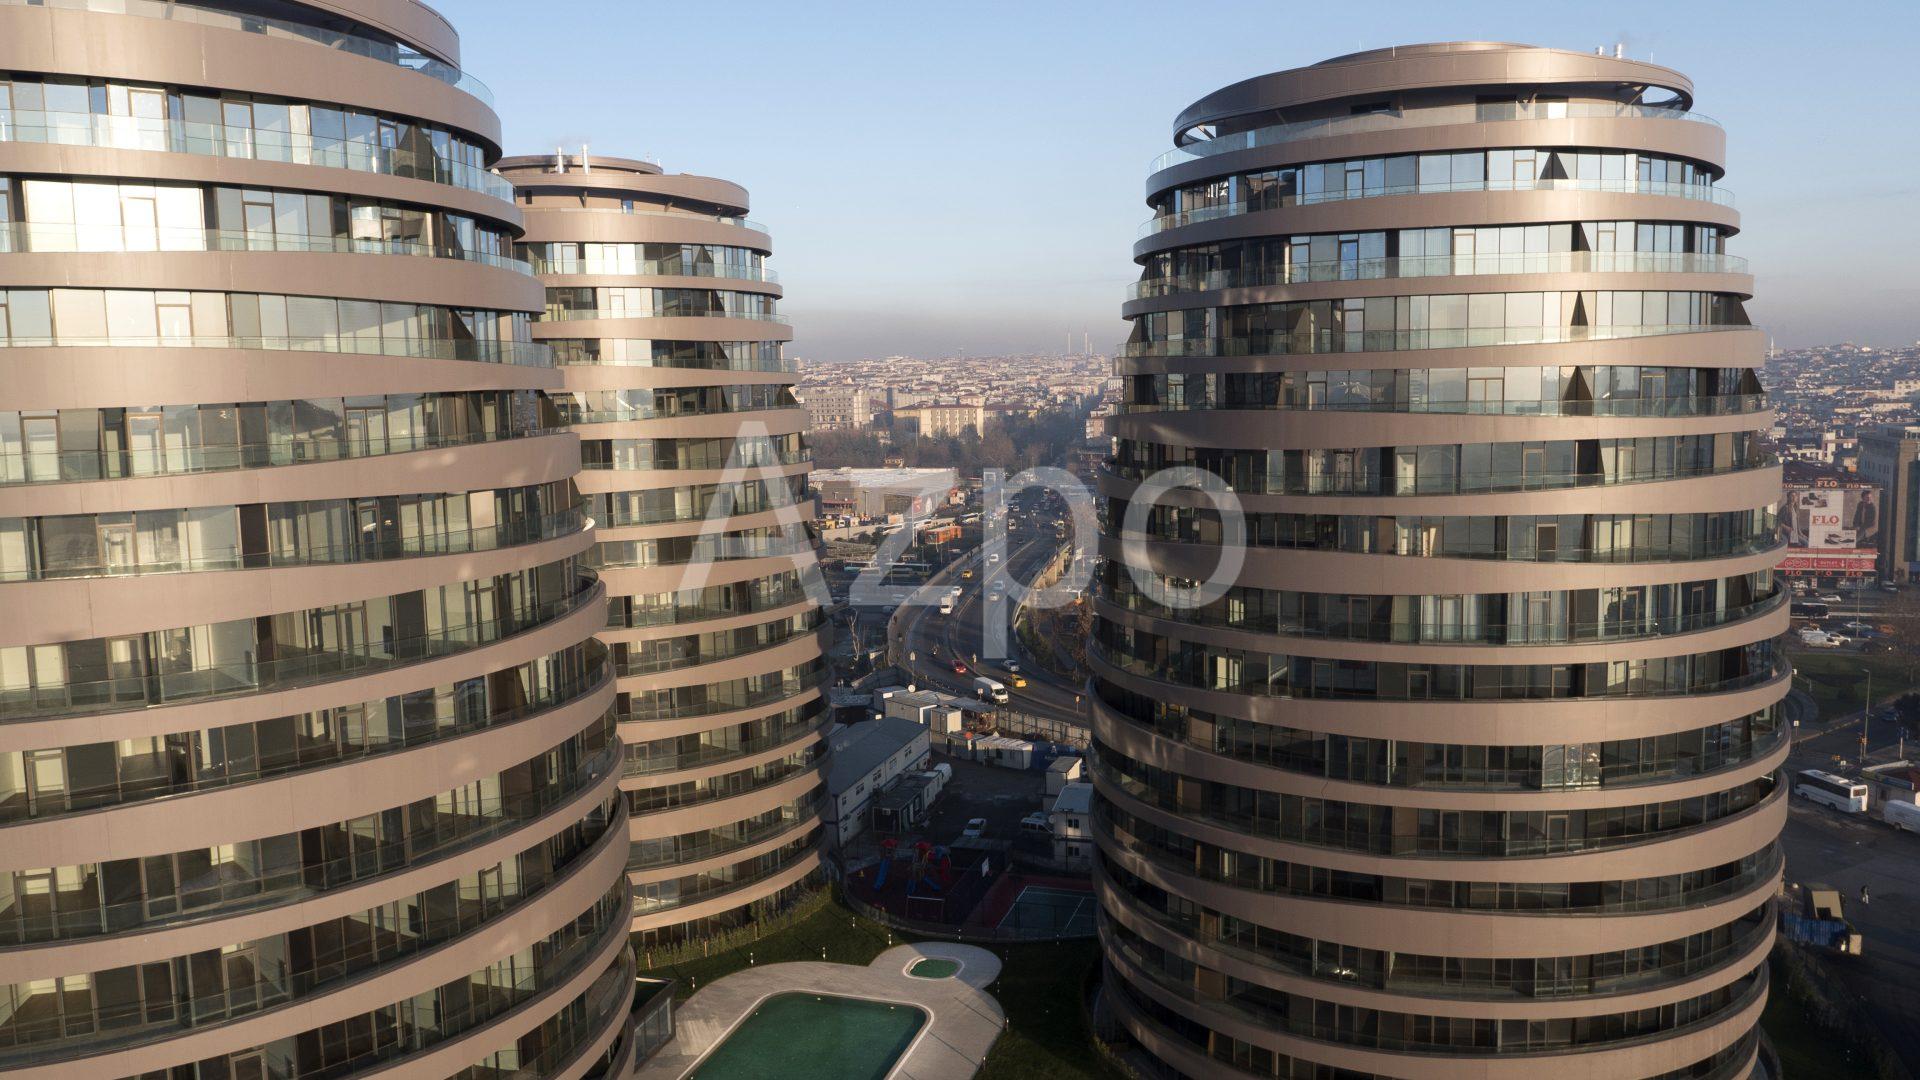 Роскошные квартиры в готовом проекте жилого комплекса в Стамбуле - Фото 1